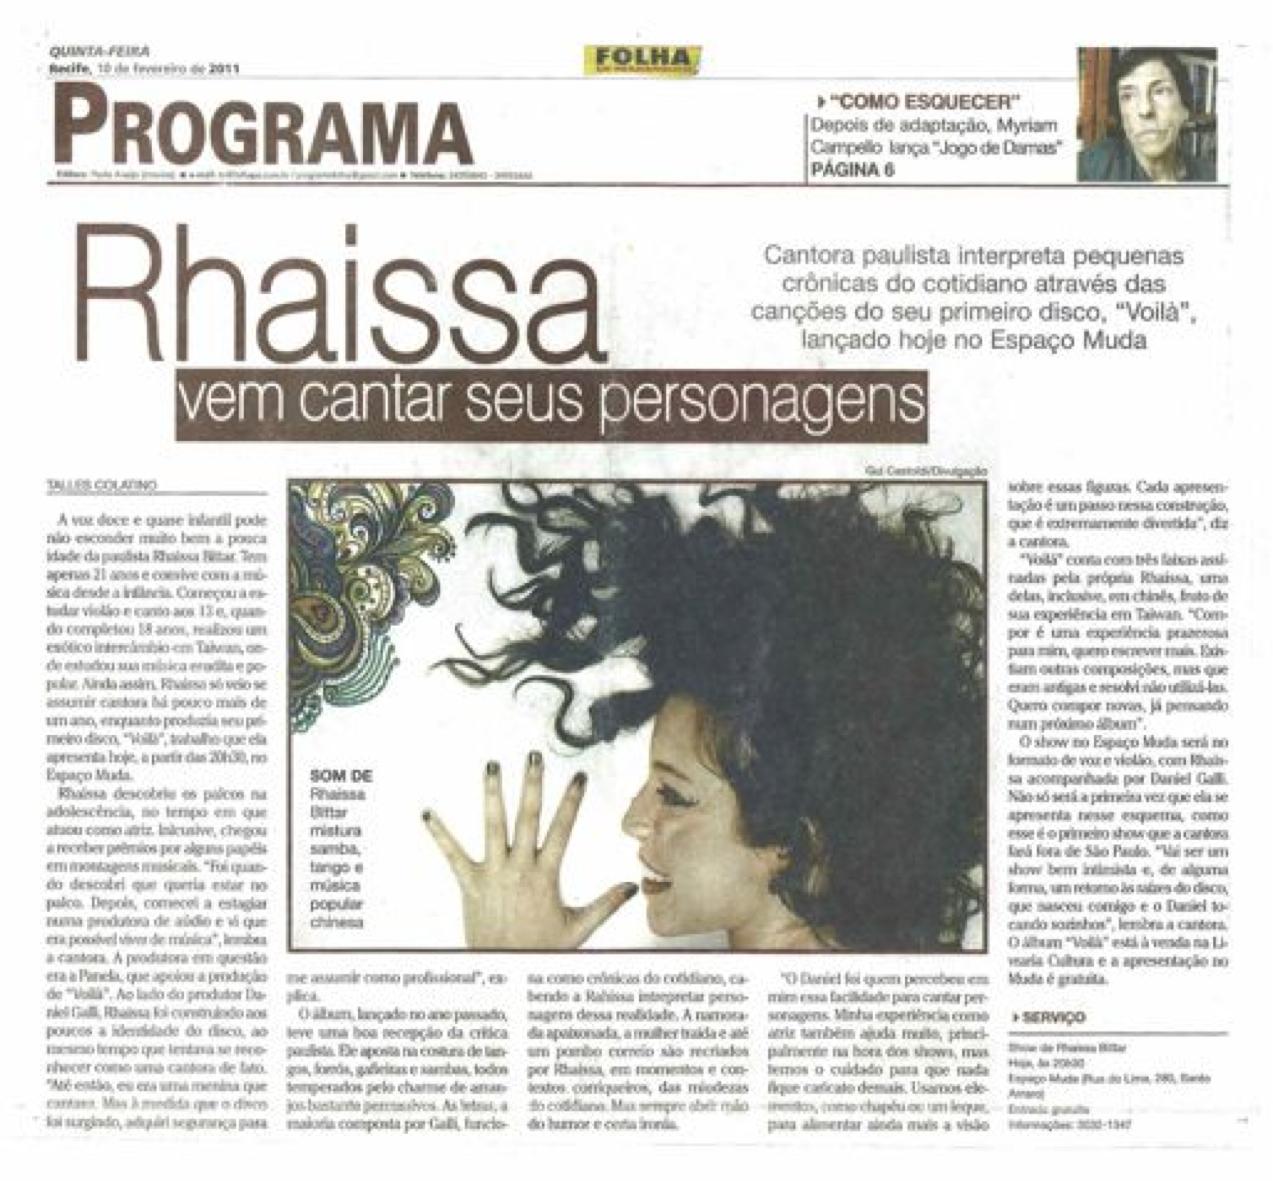 2011 - Folha de Pernambuco